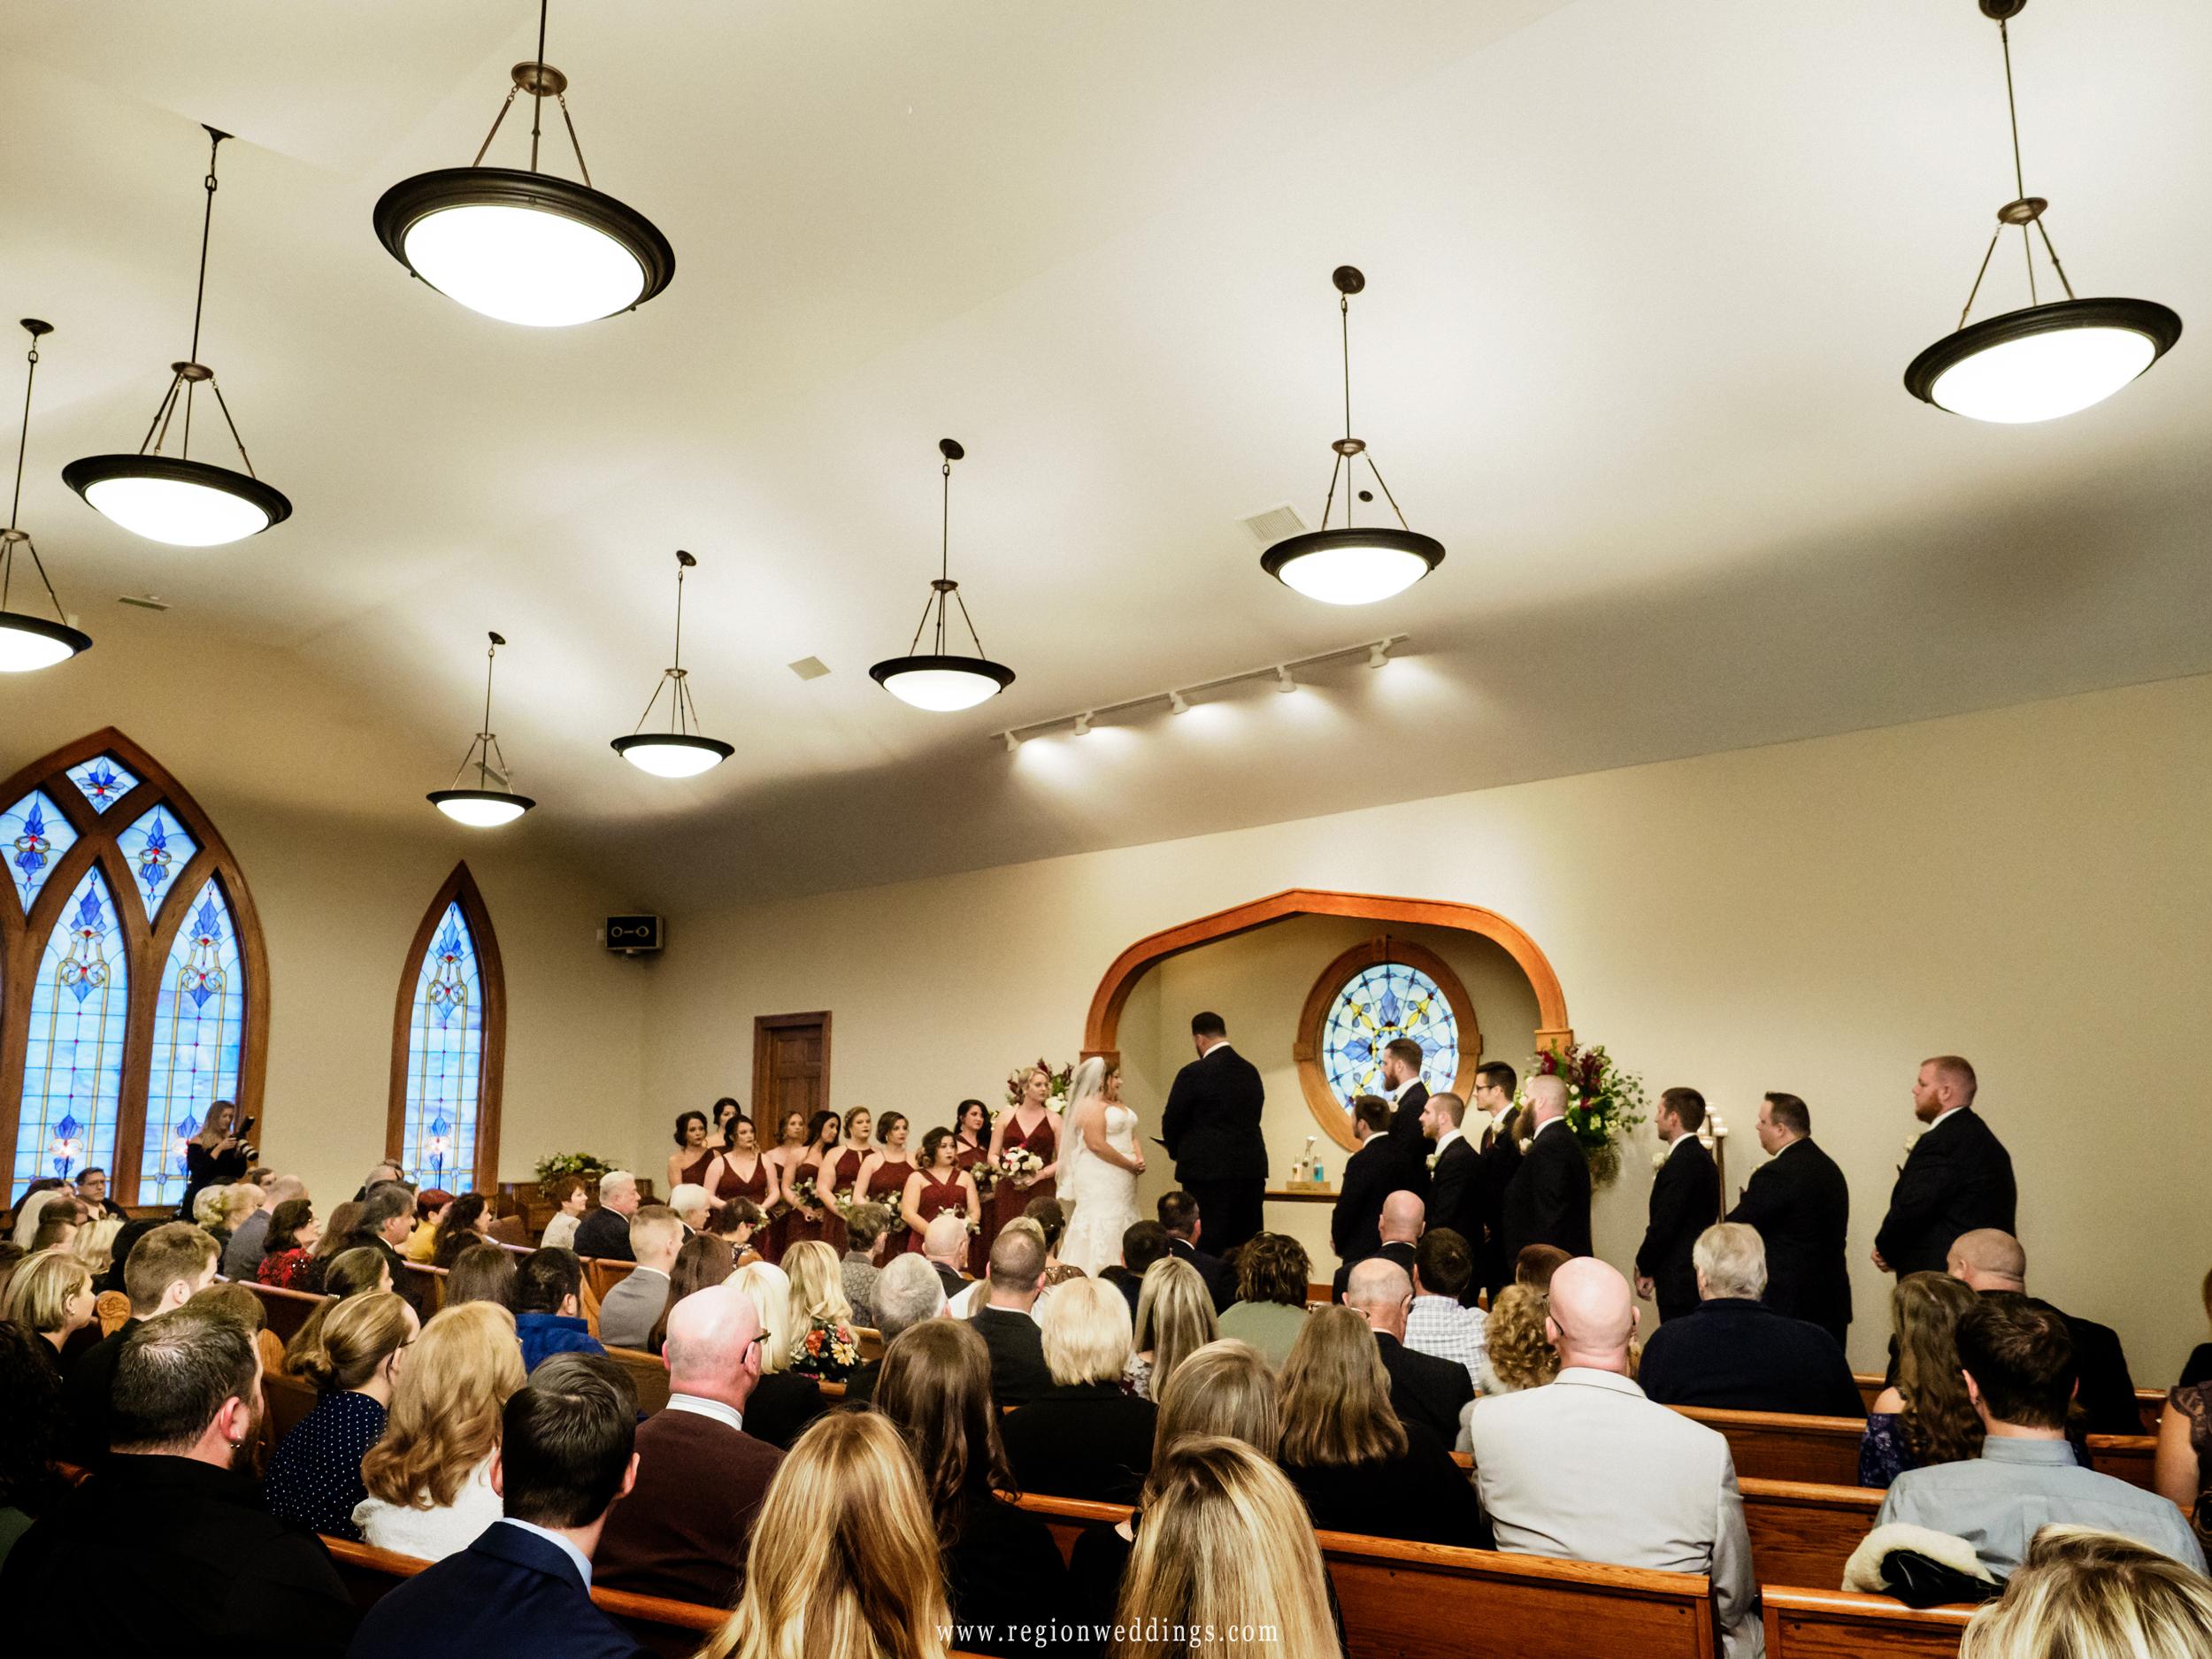 Wedding ceremony inside Aberdeen Chapel.